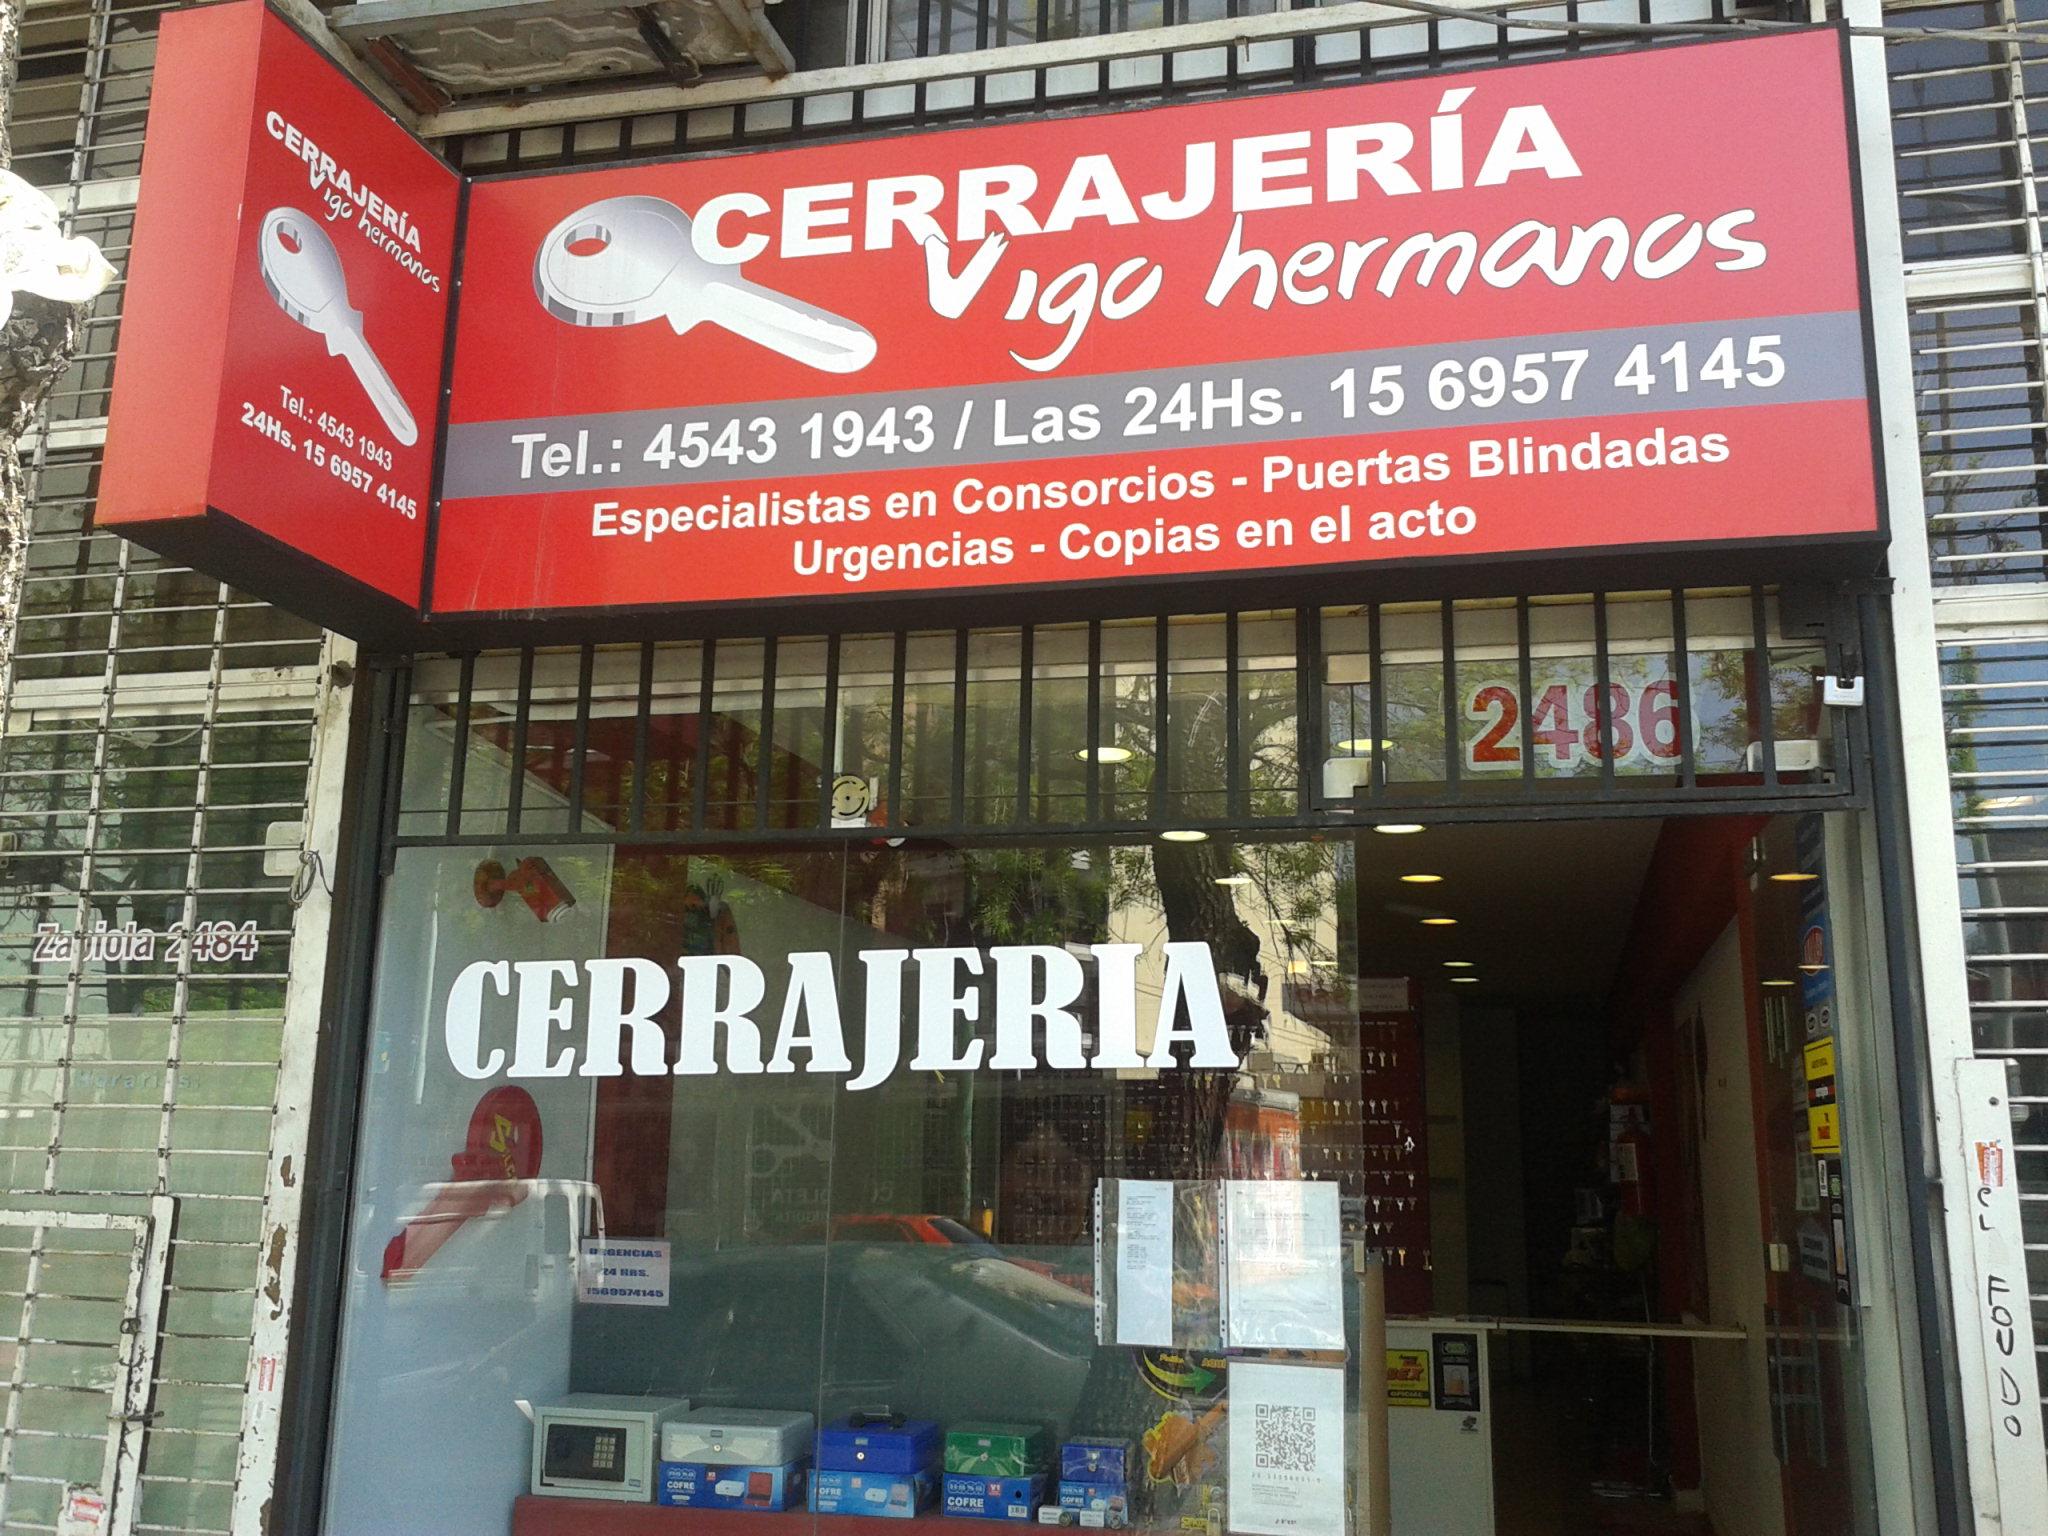 CERRAJERIA VIGO HERMANOS